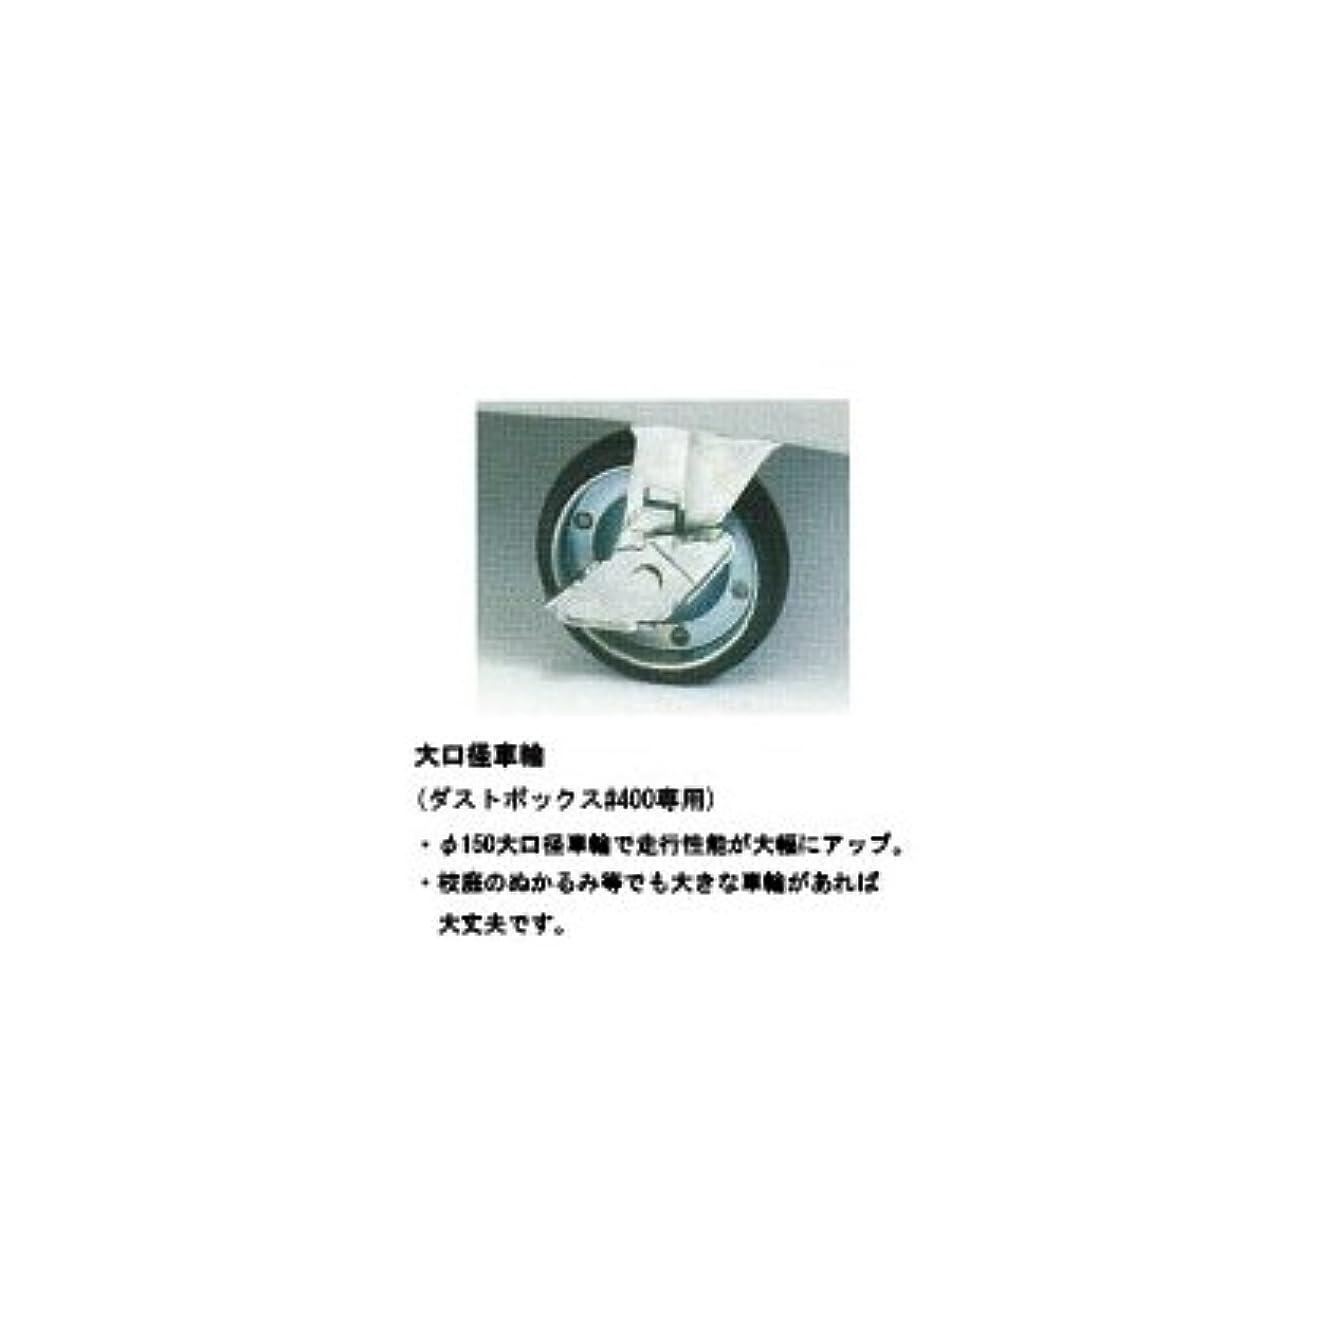 政治的スナック適用するECO?環境問題対策:セキスイ:ダストボックス #400用 大口径車輪(部材+取付費): SDB400H-caster